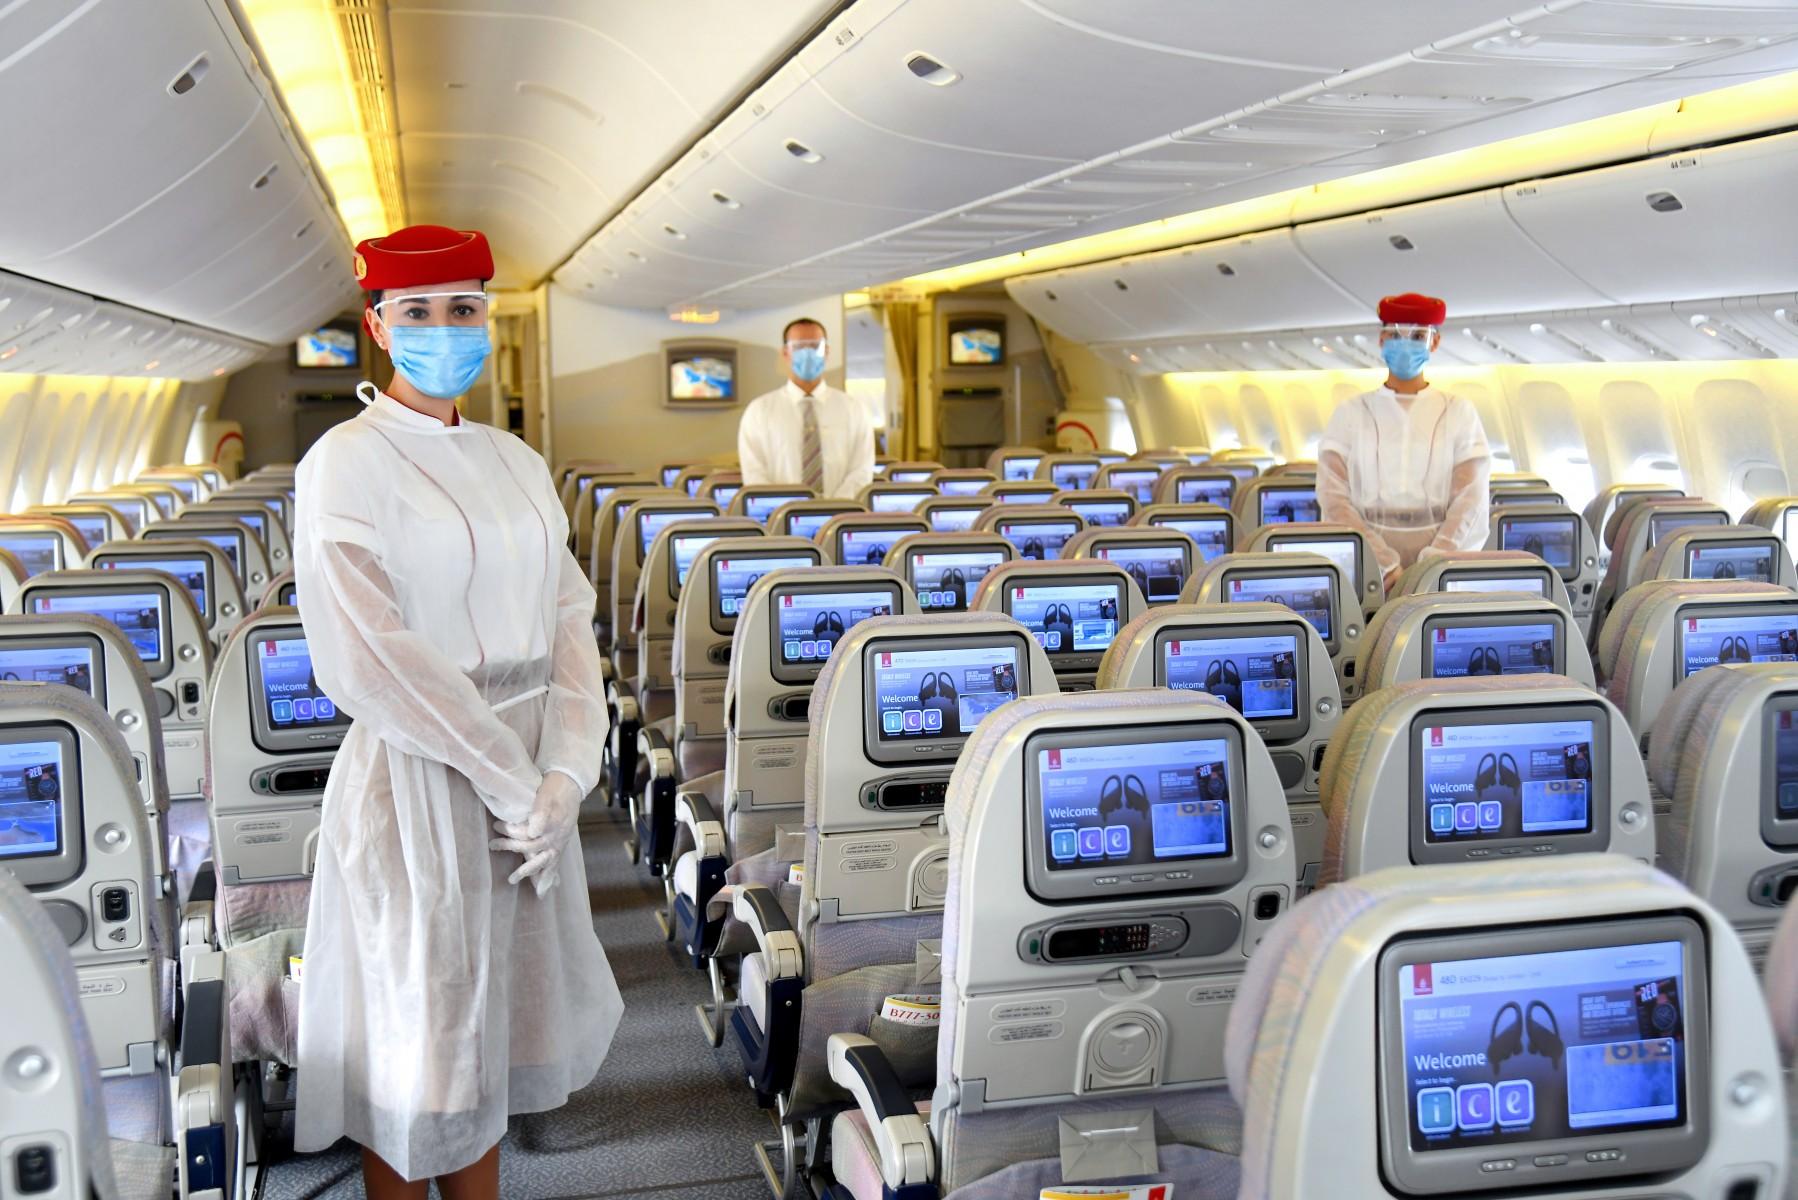 Besætningen hos Emirates skal ligesom passagererne være udstyret med masker og handsker. (Foto: Emirates | PR)